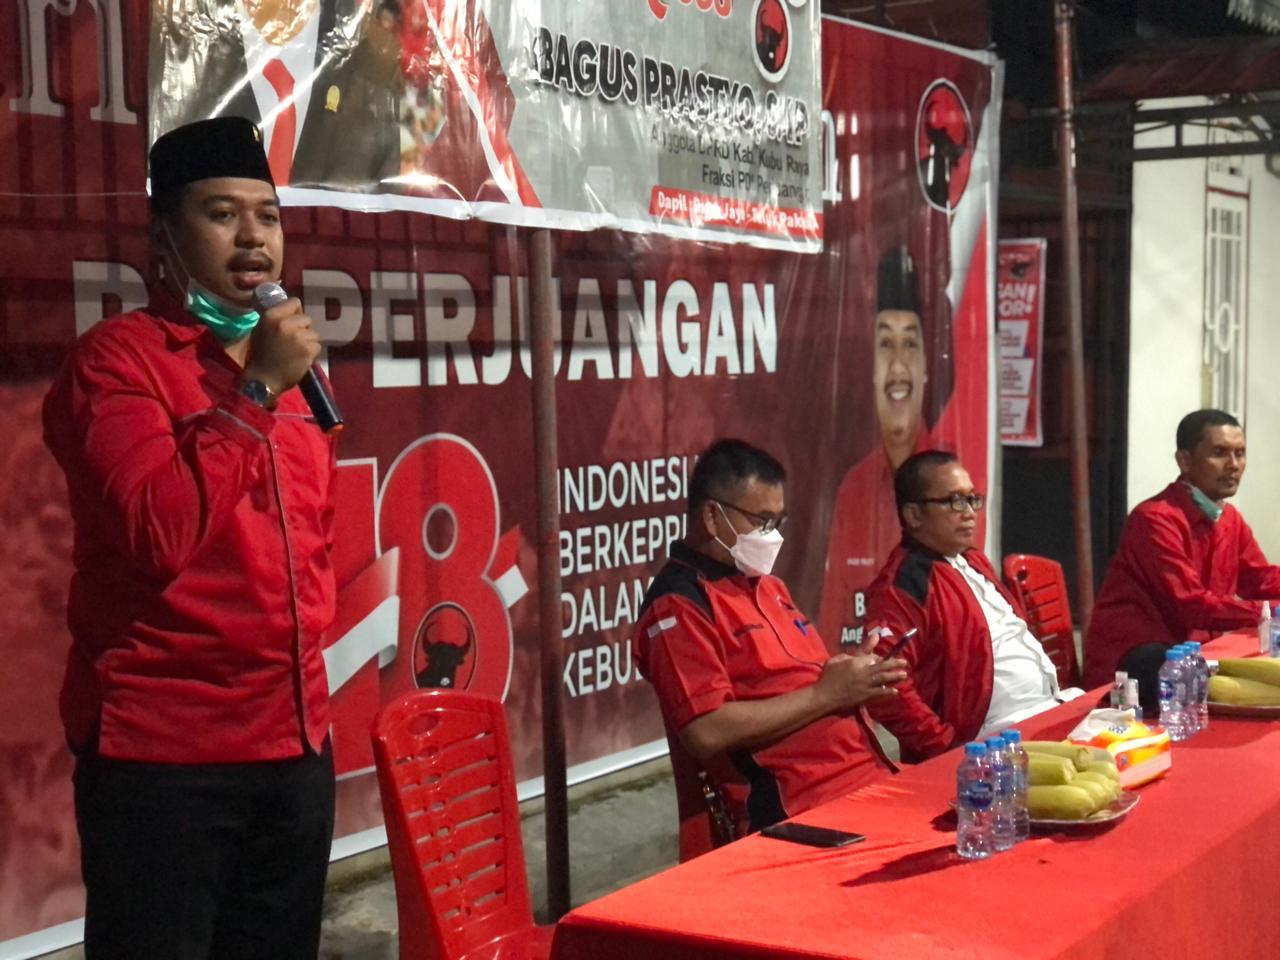 Anggota DPRD Kubu Raya dari fraksi PDI Perjuangan Bagus Prastyo menerima sejumlah aspirasi dari warga saat melaksanakan reses di daerah pemilihannya